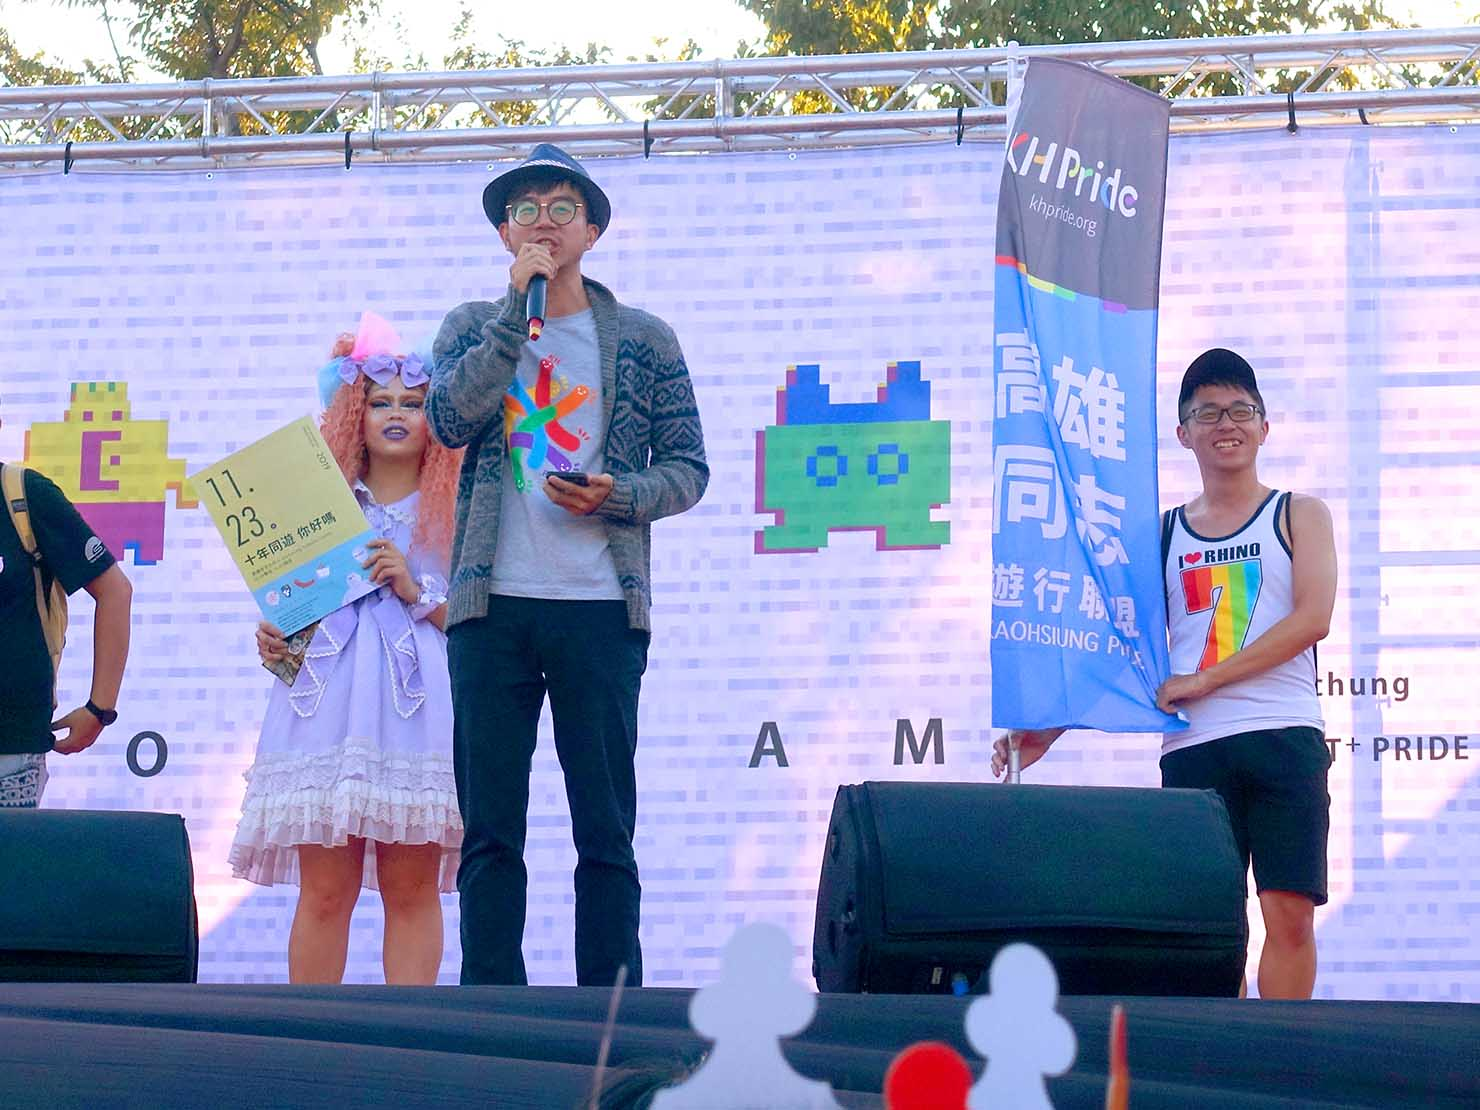 台中同志遊行(台中LGBTプライド)2019パレード後のステージに立つ高雄同志大遊行の主催者